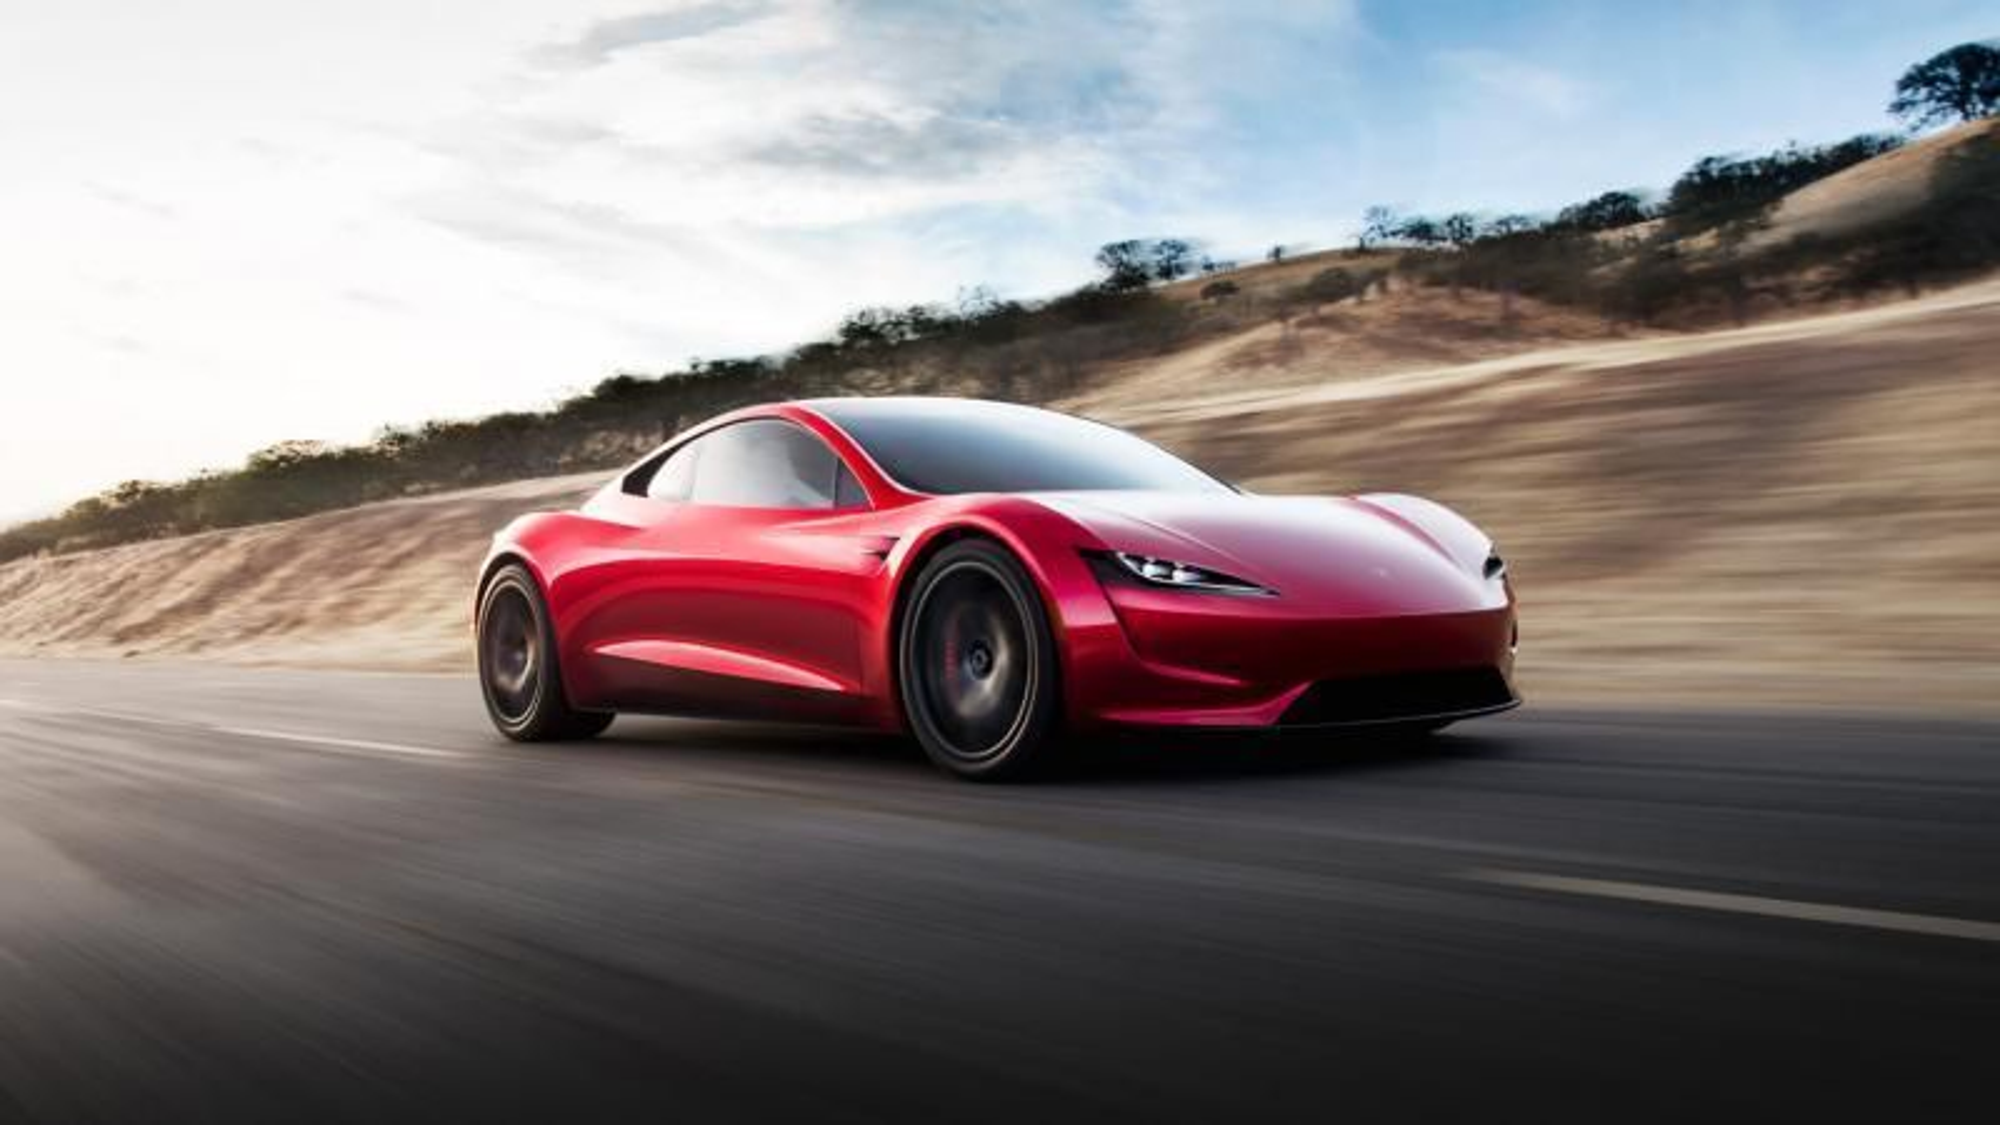 Da Tesla Roadster-planene ble lansert i 2017, sa Musk at rekkevidden med   det tiltenkte 200 kWh-batteriet ville bli 997 kilometer. Nå hevder han at 1000-kilometersgrensen vil bli brutt.